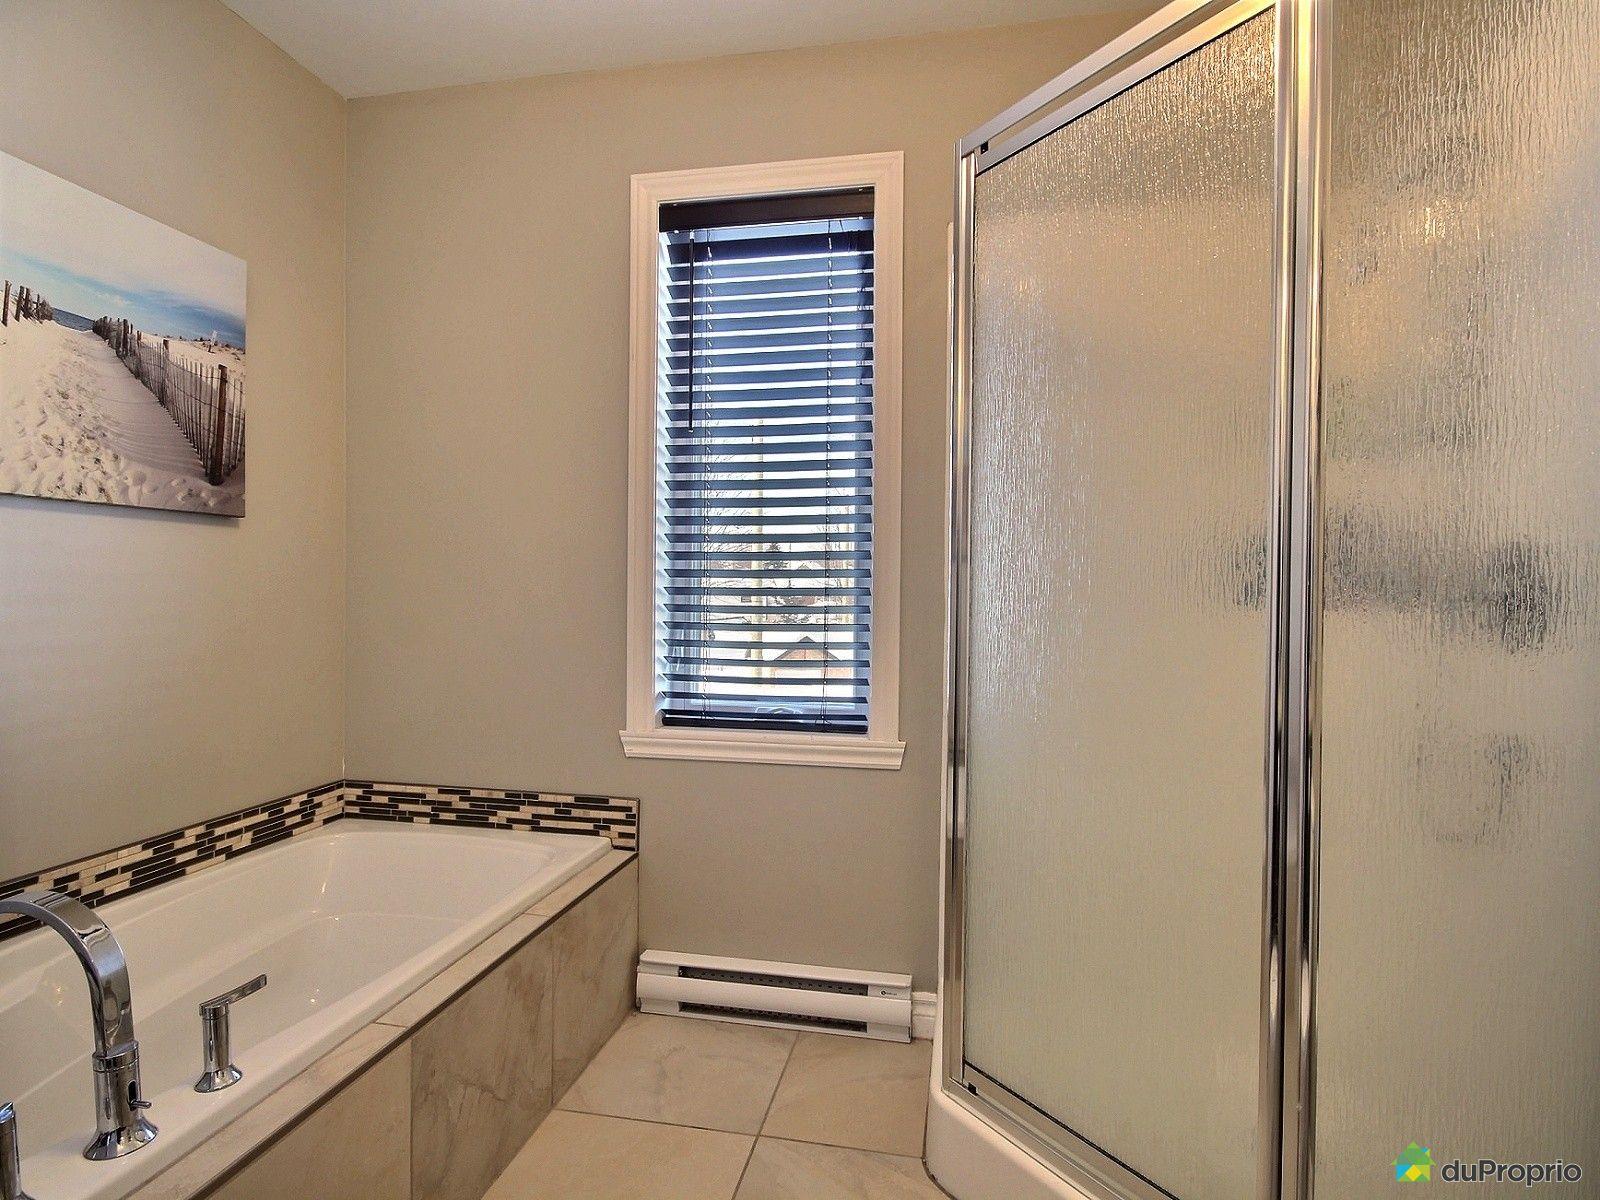 Jumel vendu val b lair immobilier qu bec duproprio for Plomberie salle de bain au sous sol